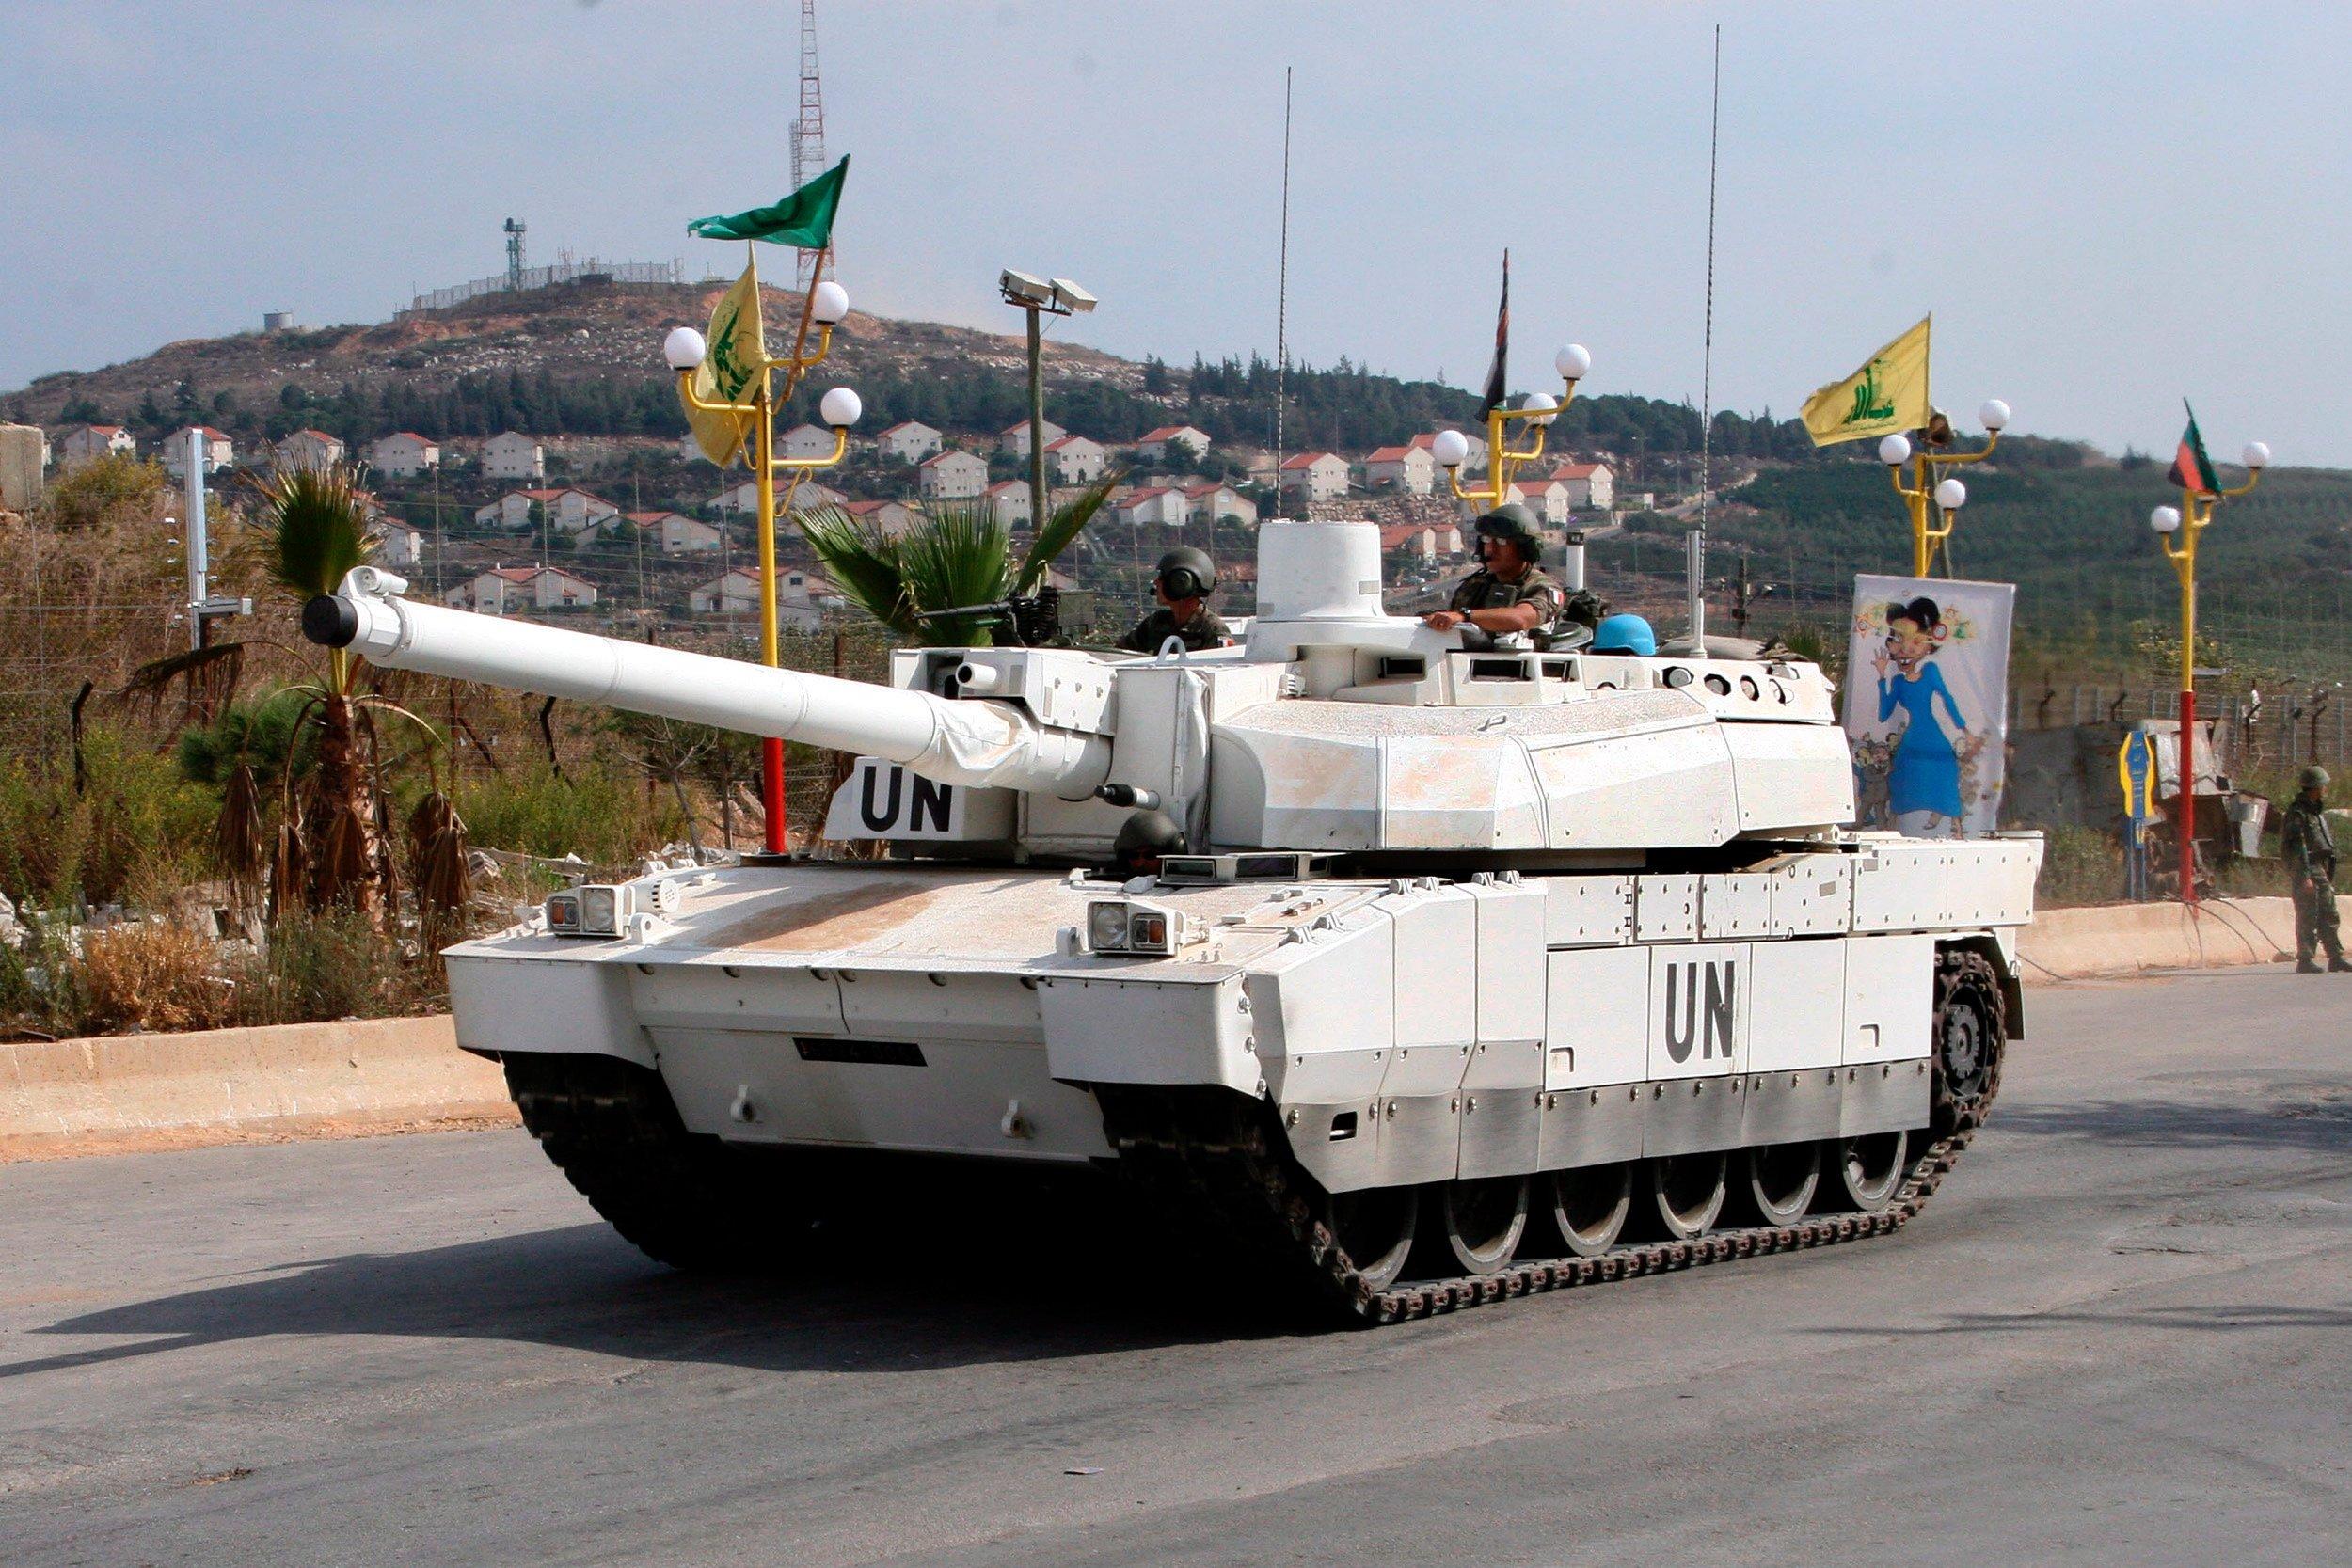 Ein französischer Kampfpanzer vom Typ Leclerc der Firma Nexter fährt als Teil einer UN-Friedensmission vor der Ortschaft Al Mutalah in Israel über eine Straße. Das französische Unternehmen und der deutsche Rüstungshersteller Krauss-Maffei Wegman planen eine Fusion.